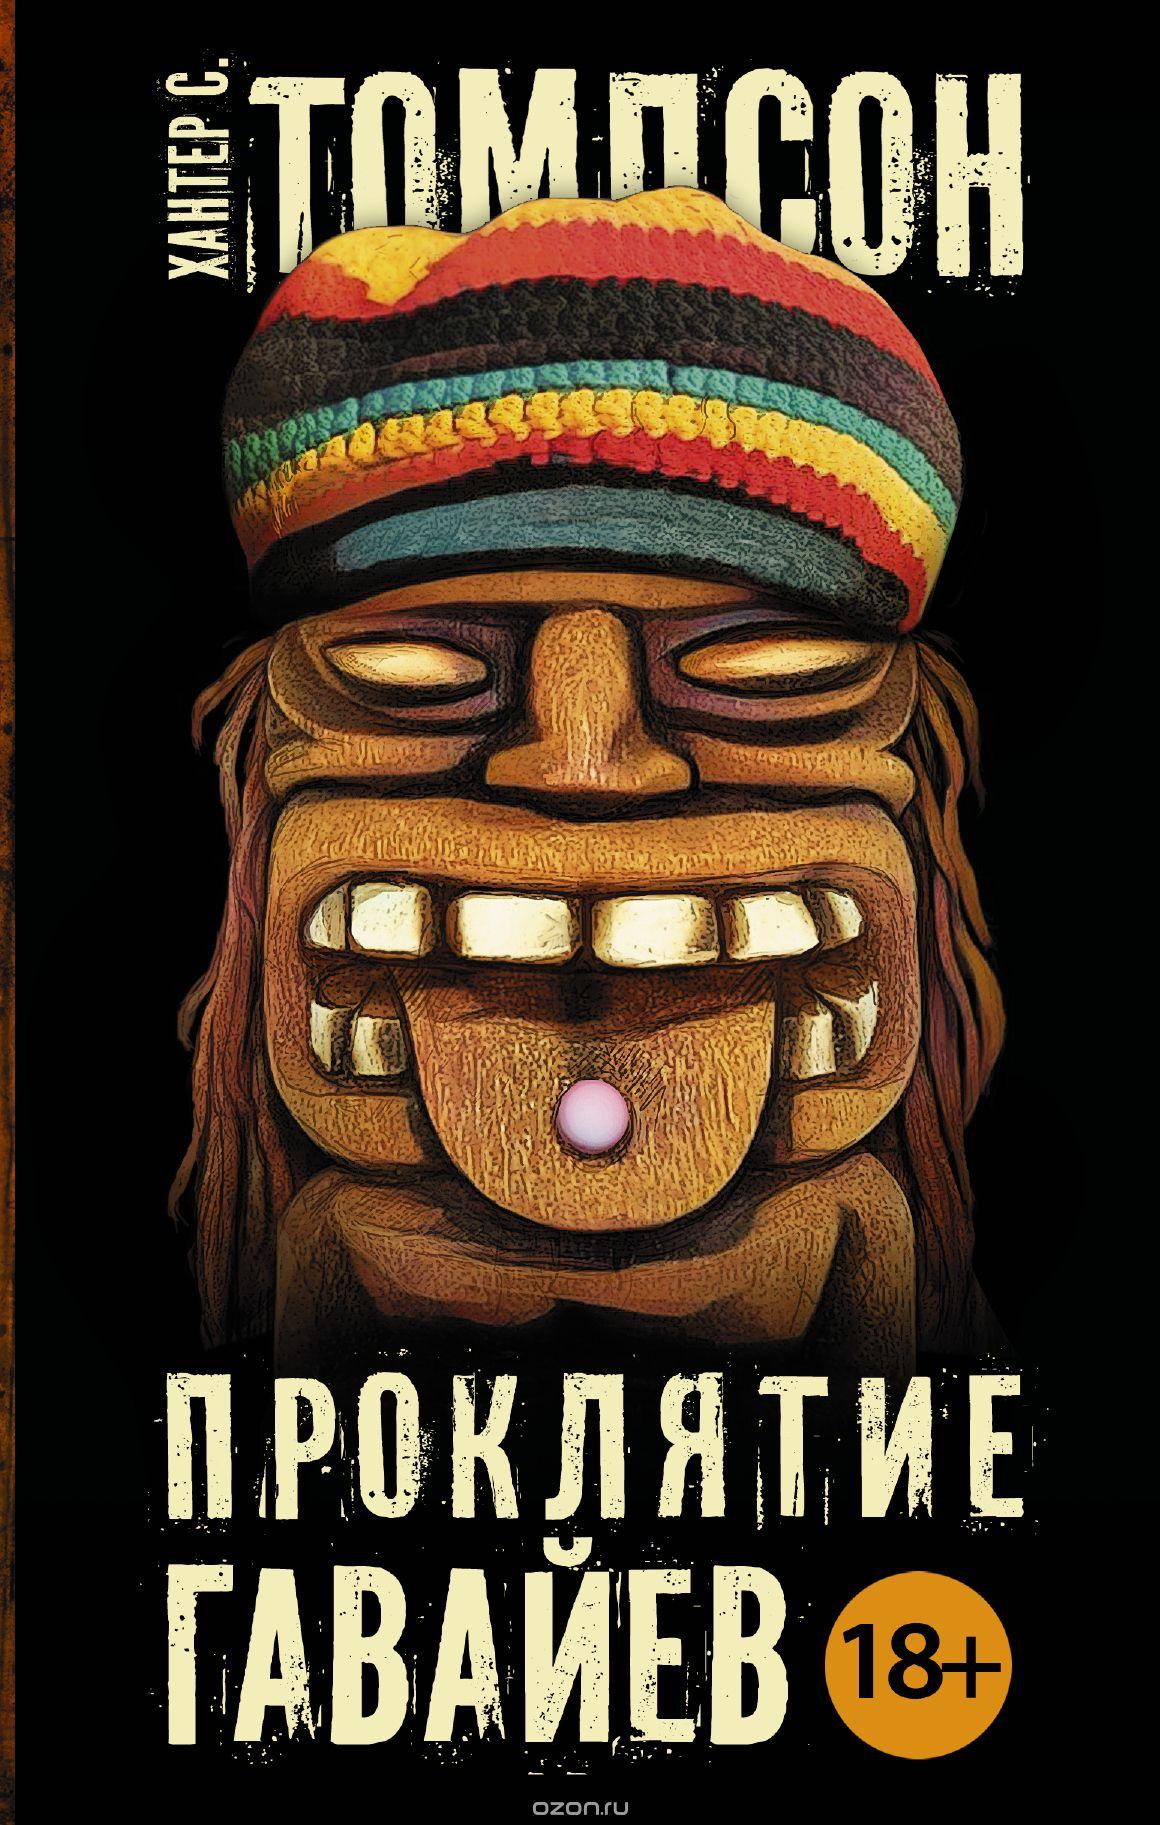 Книга, которая рассказывает  о том, как правильно отдыхать на гавайях в обществе Томпсона.